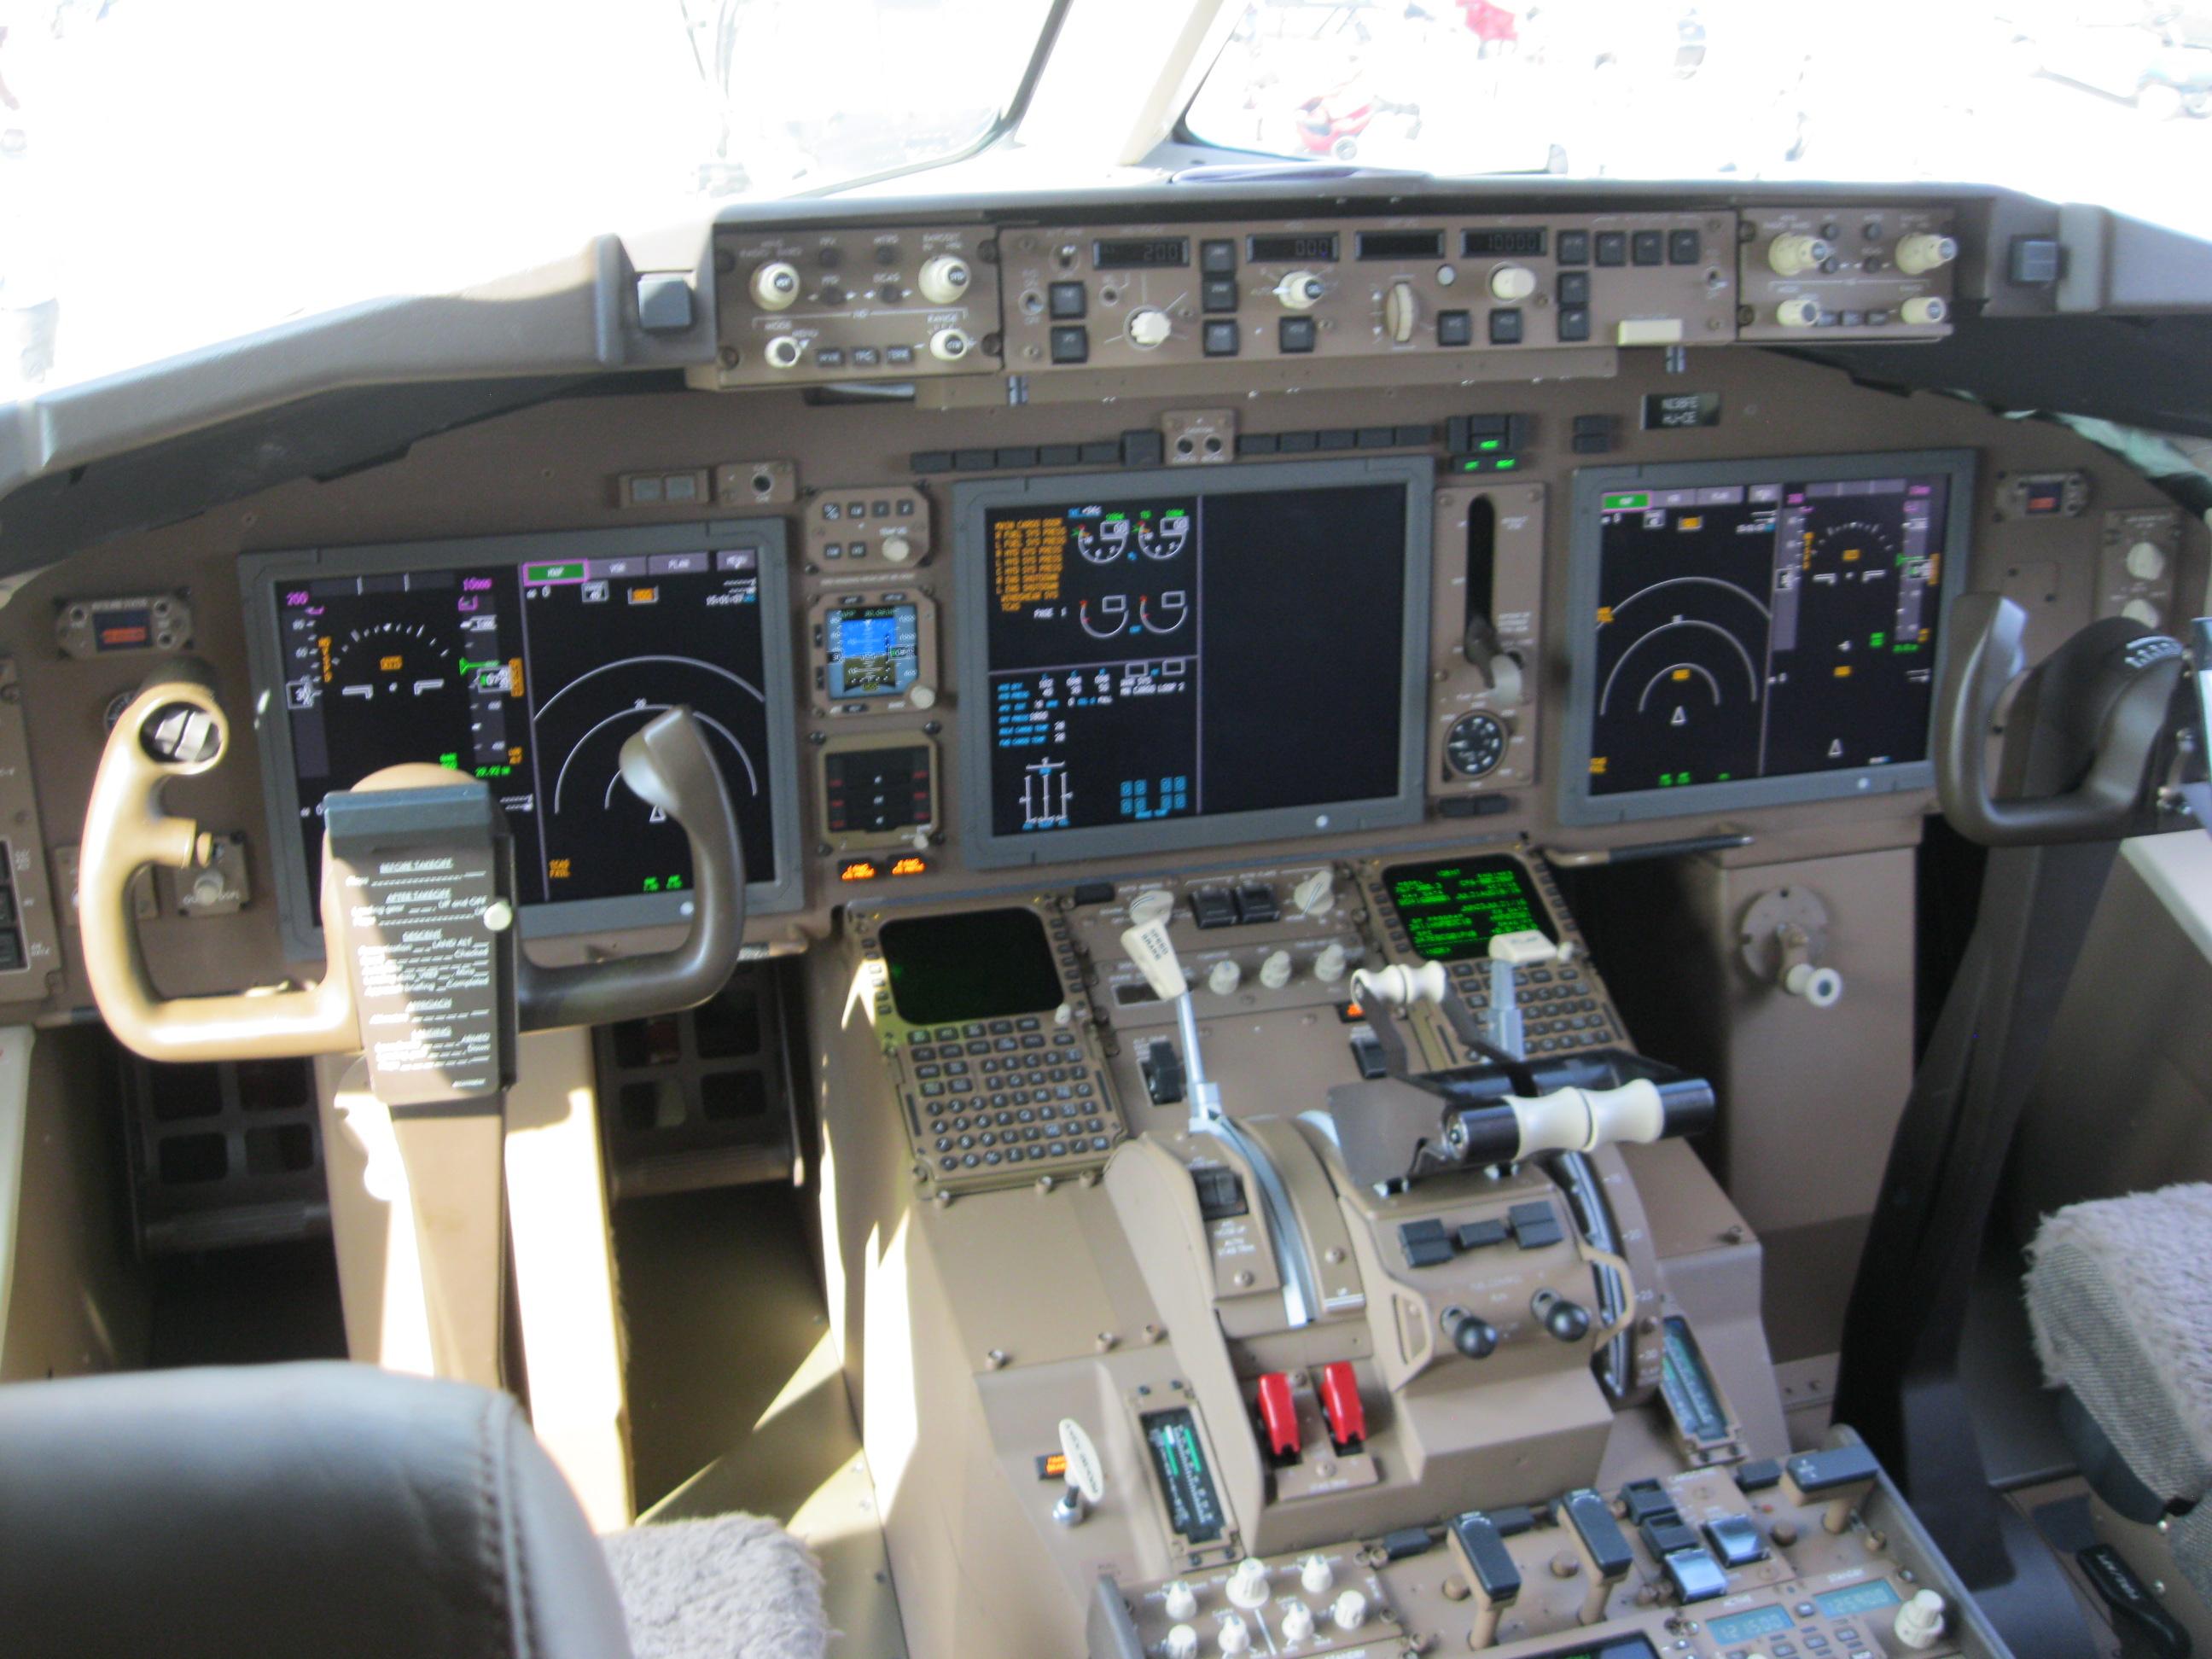 CAPTAIN SIM FORUM - Avionics Expansion Pack